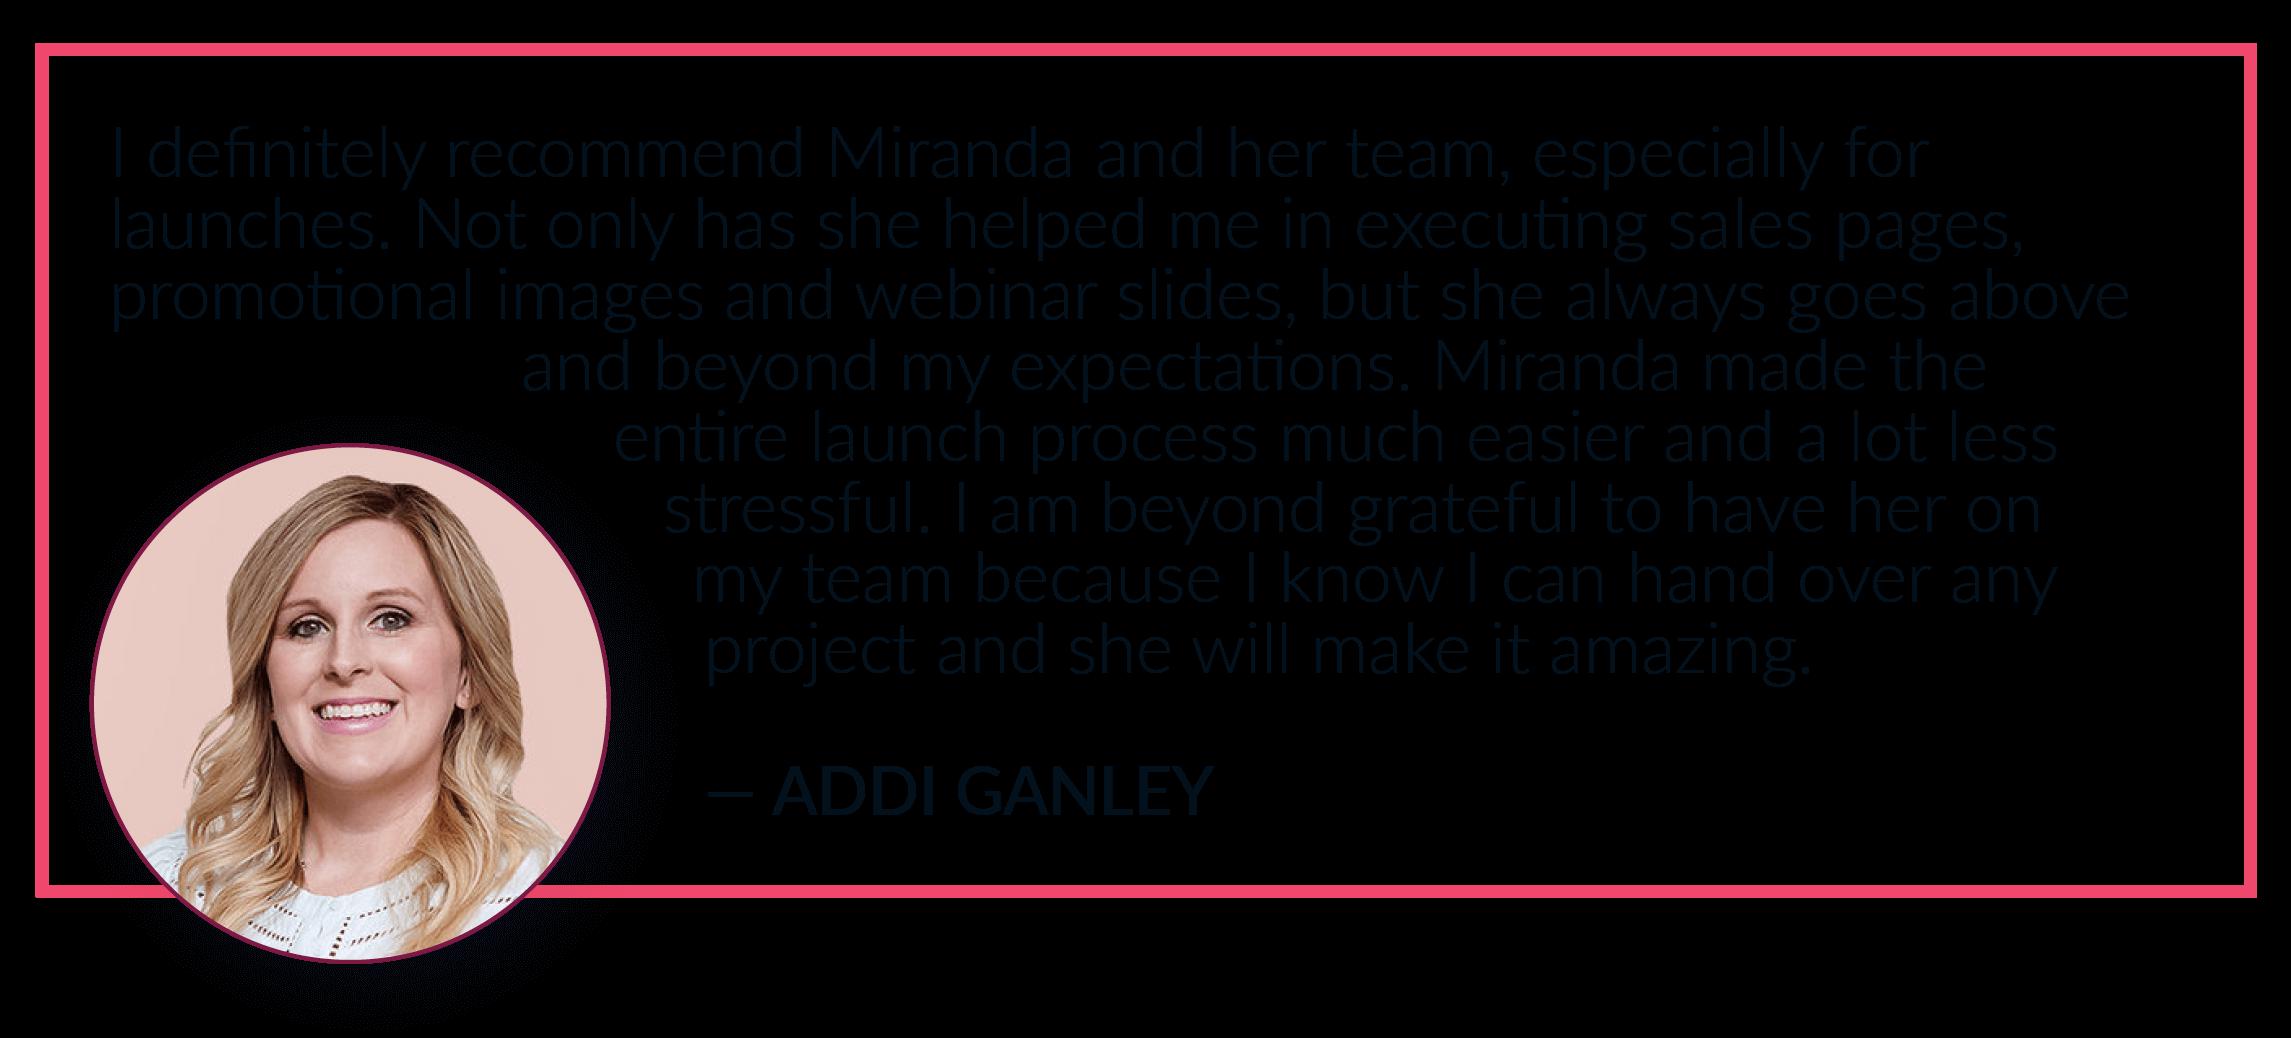 Addi Ganley Client Love